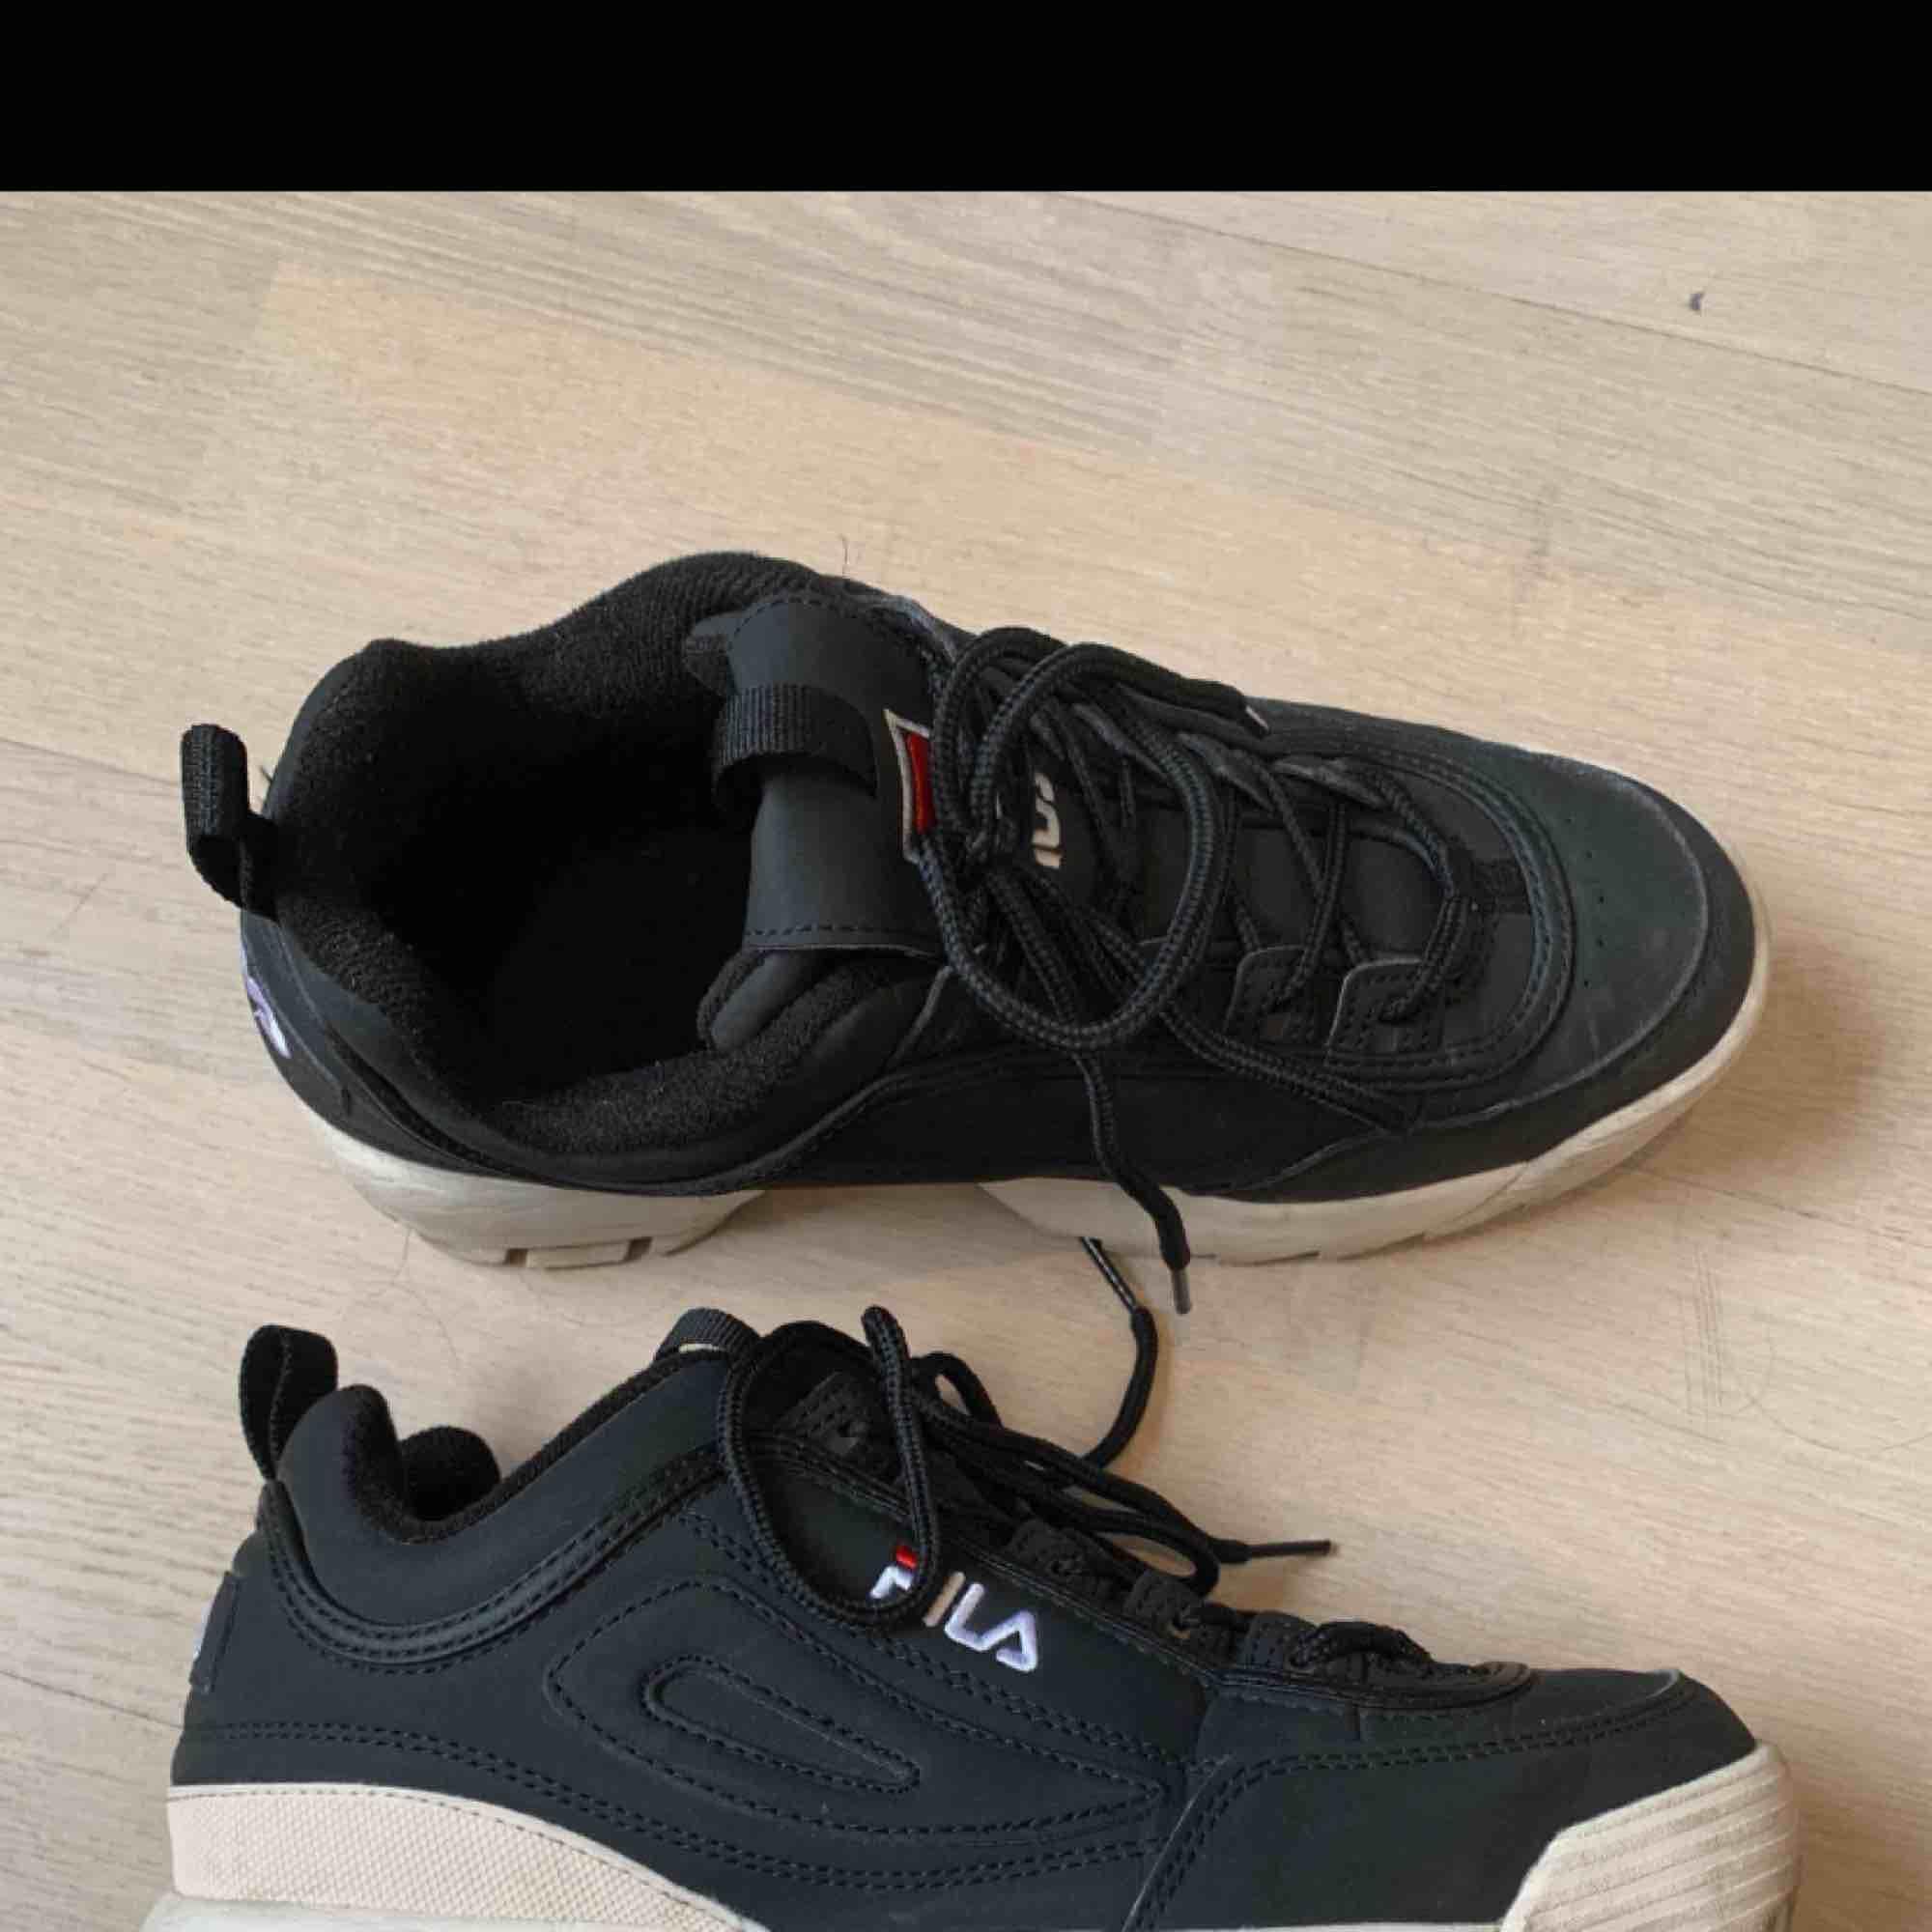 Svarta fila skor i storlek 40! Men passar mig som vanligtvis har 38, så små i storleken. Skit snygga o i bra skick men används aldrig🥰 Jag bjuder på frakt!! Pok . Skor.